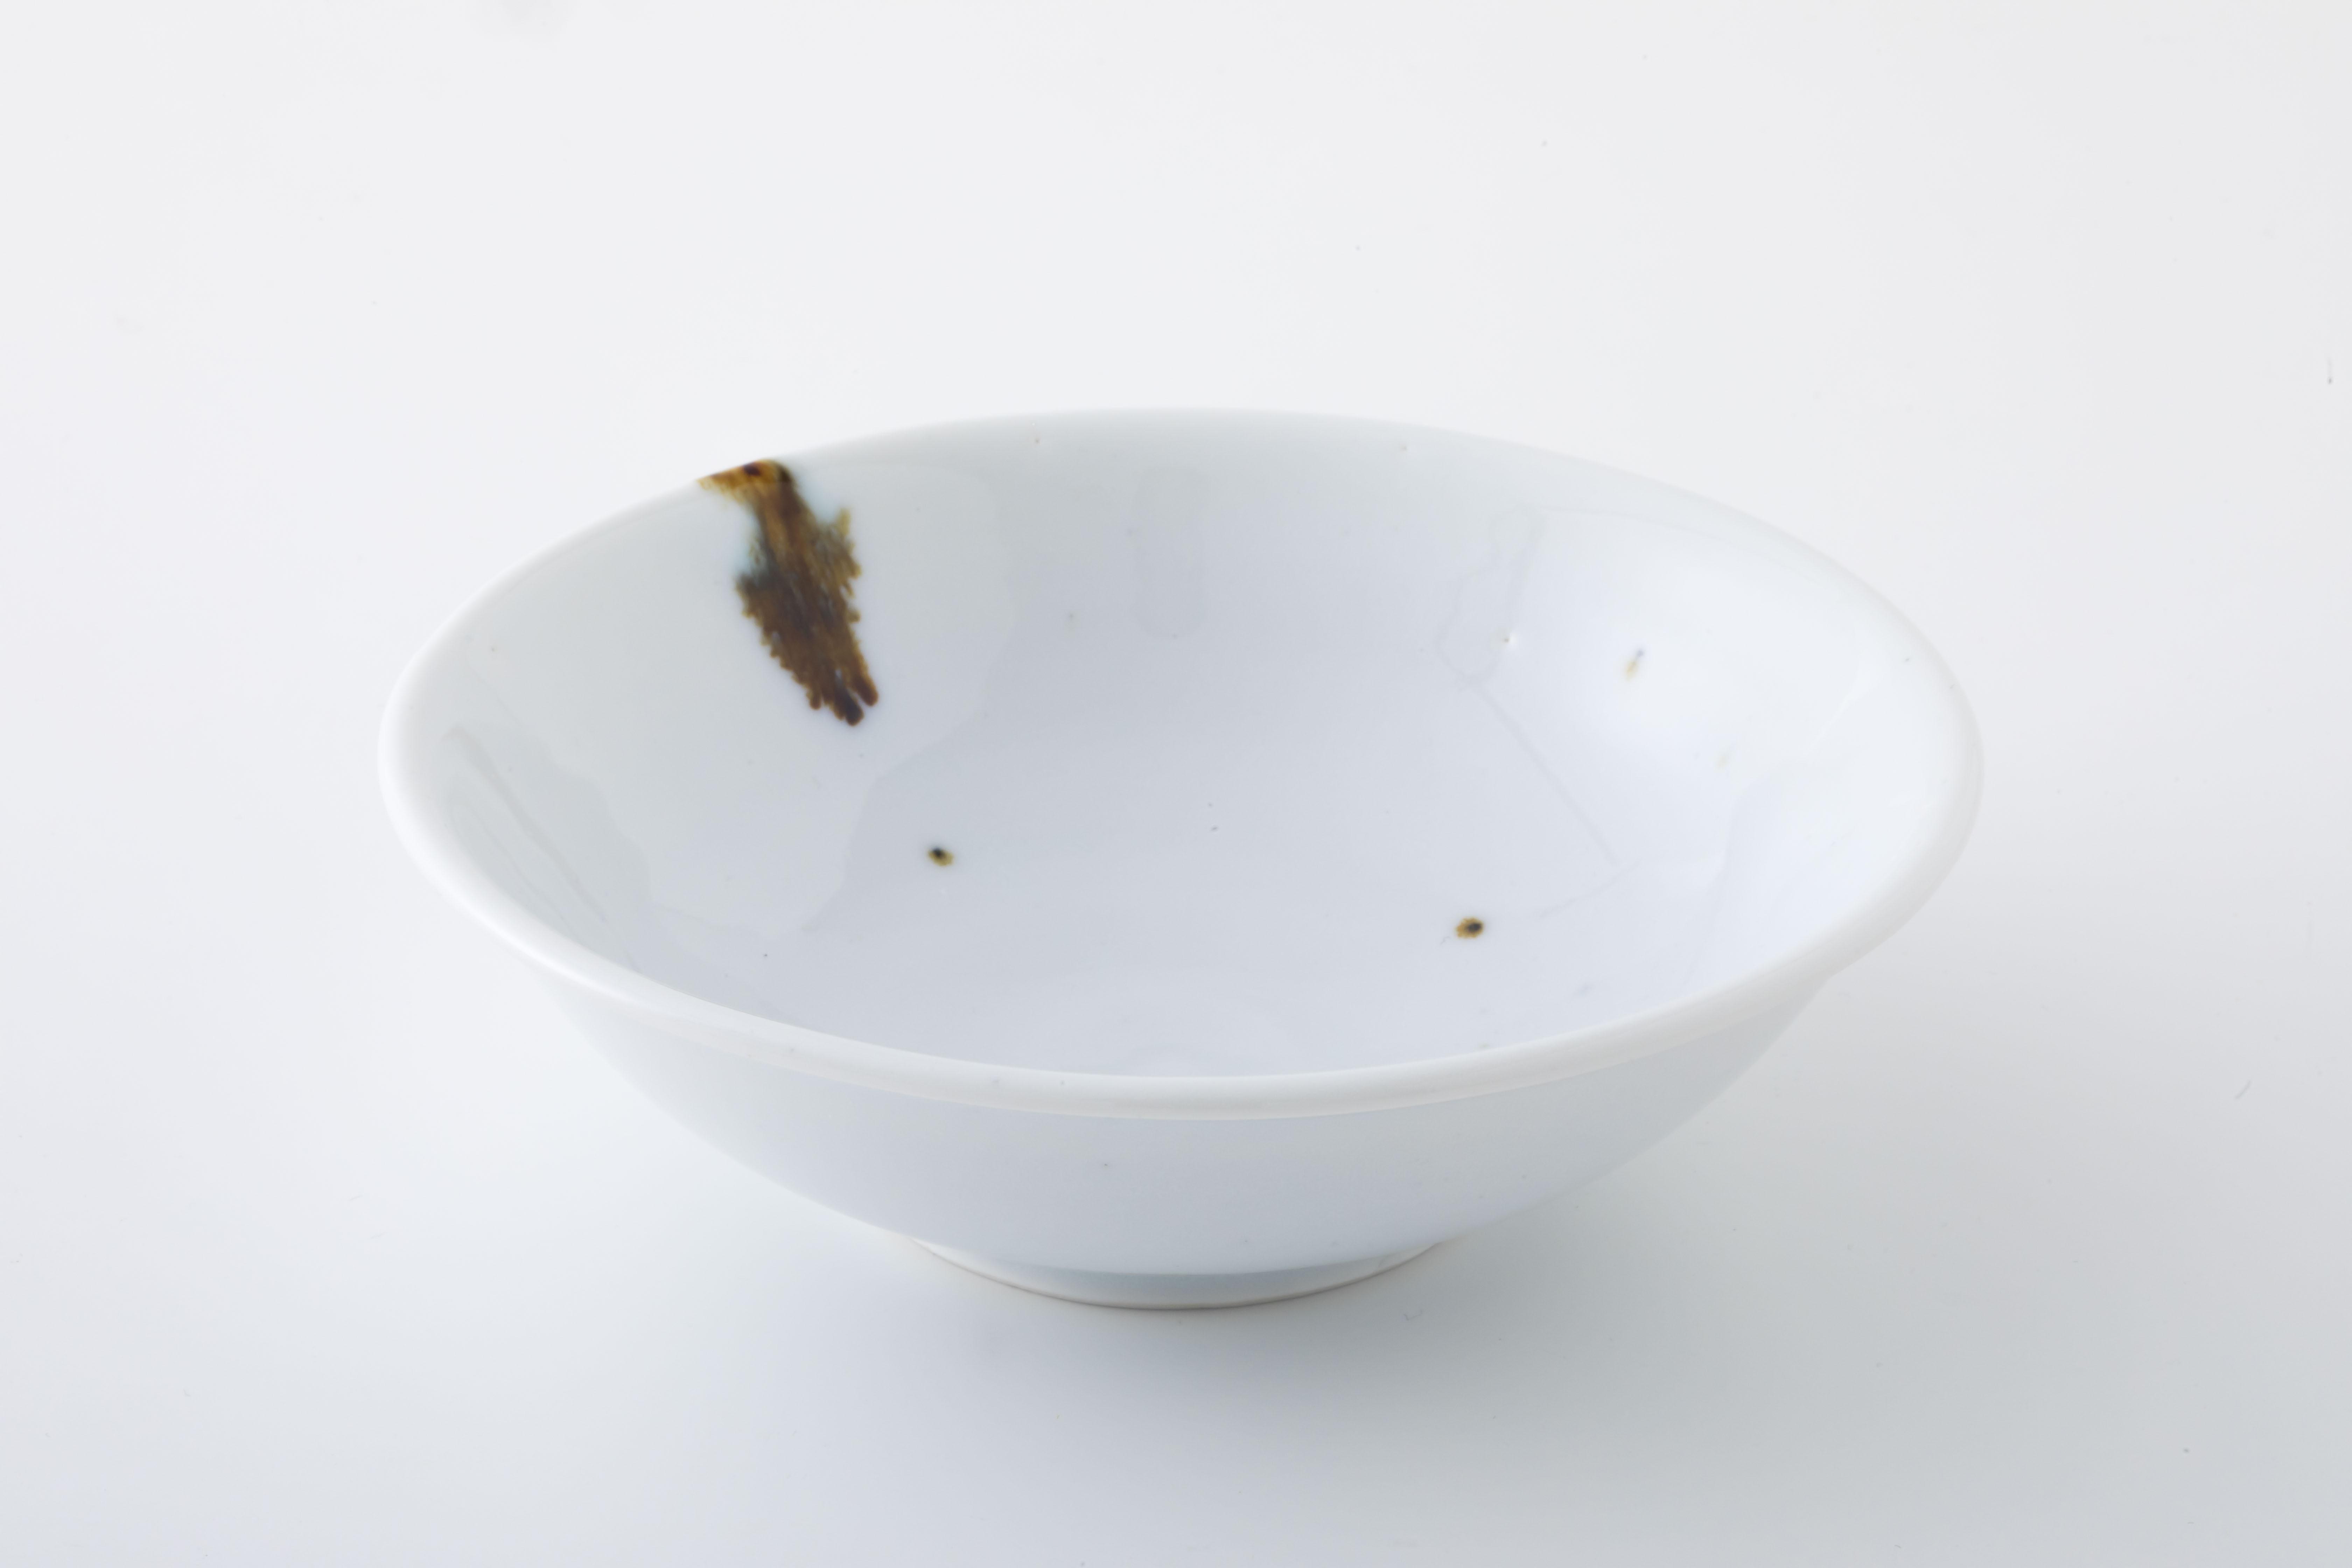 鉢:6寸(01) / 人見 和樹